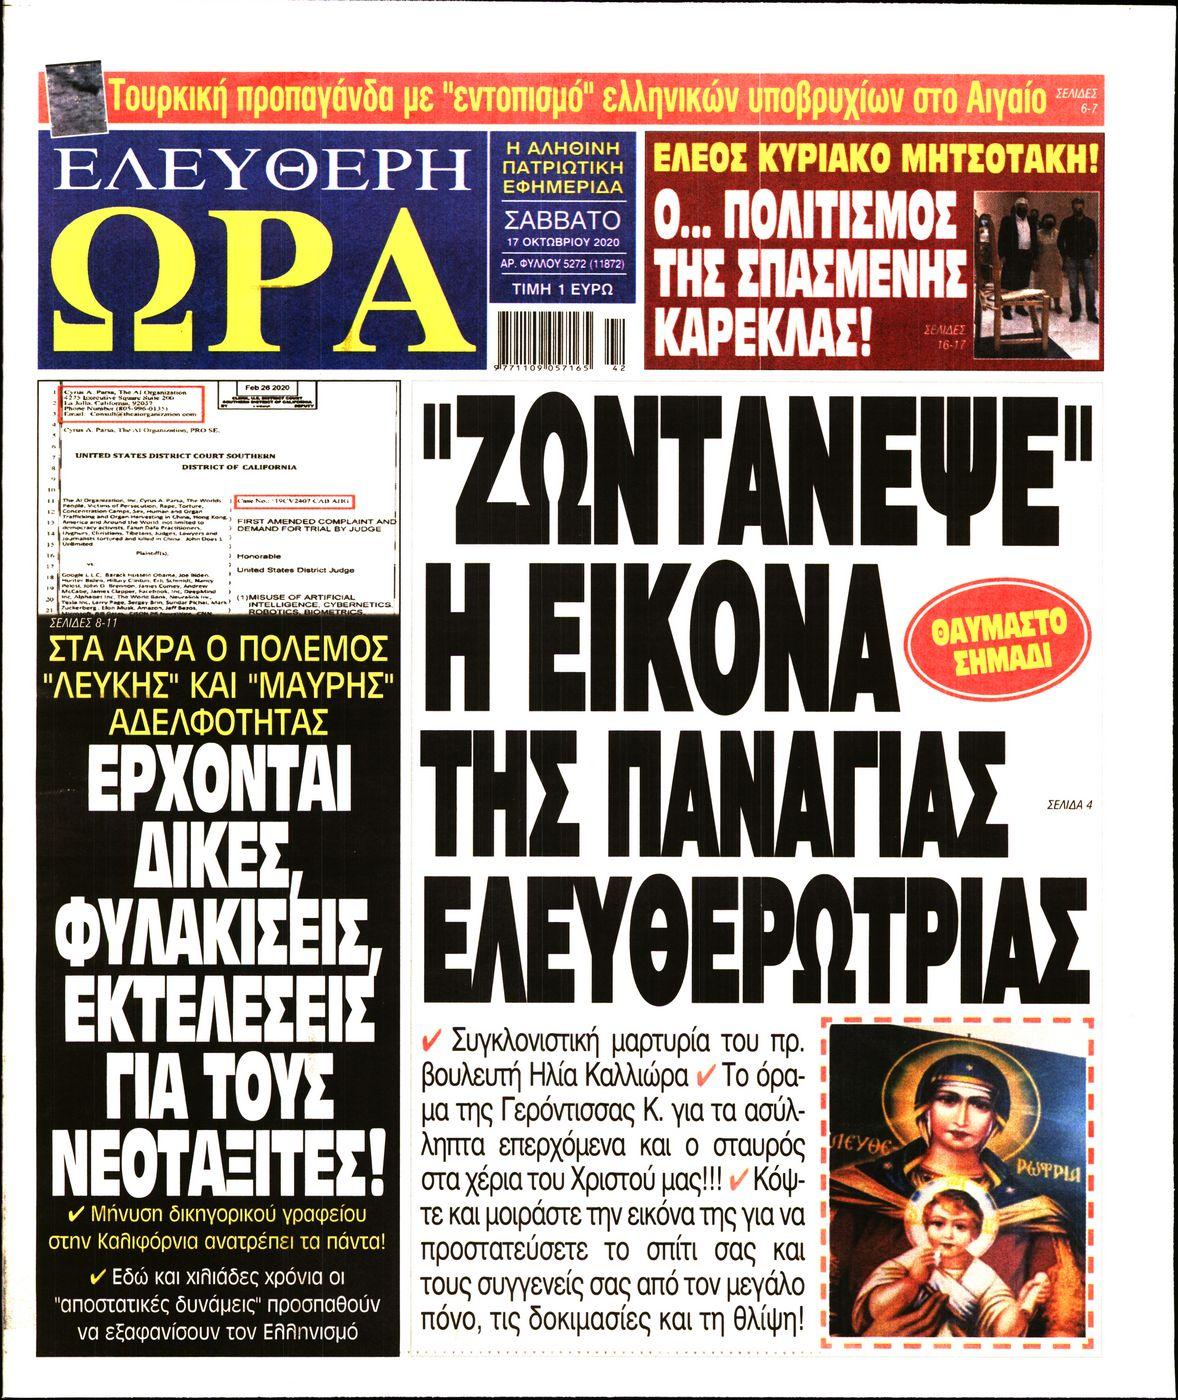 https://www.newsbeast.gr/files/1/newspapers/2020/10/17/27519993_47.jpg